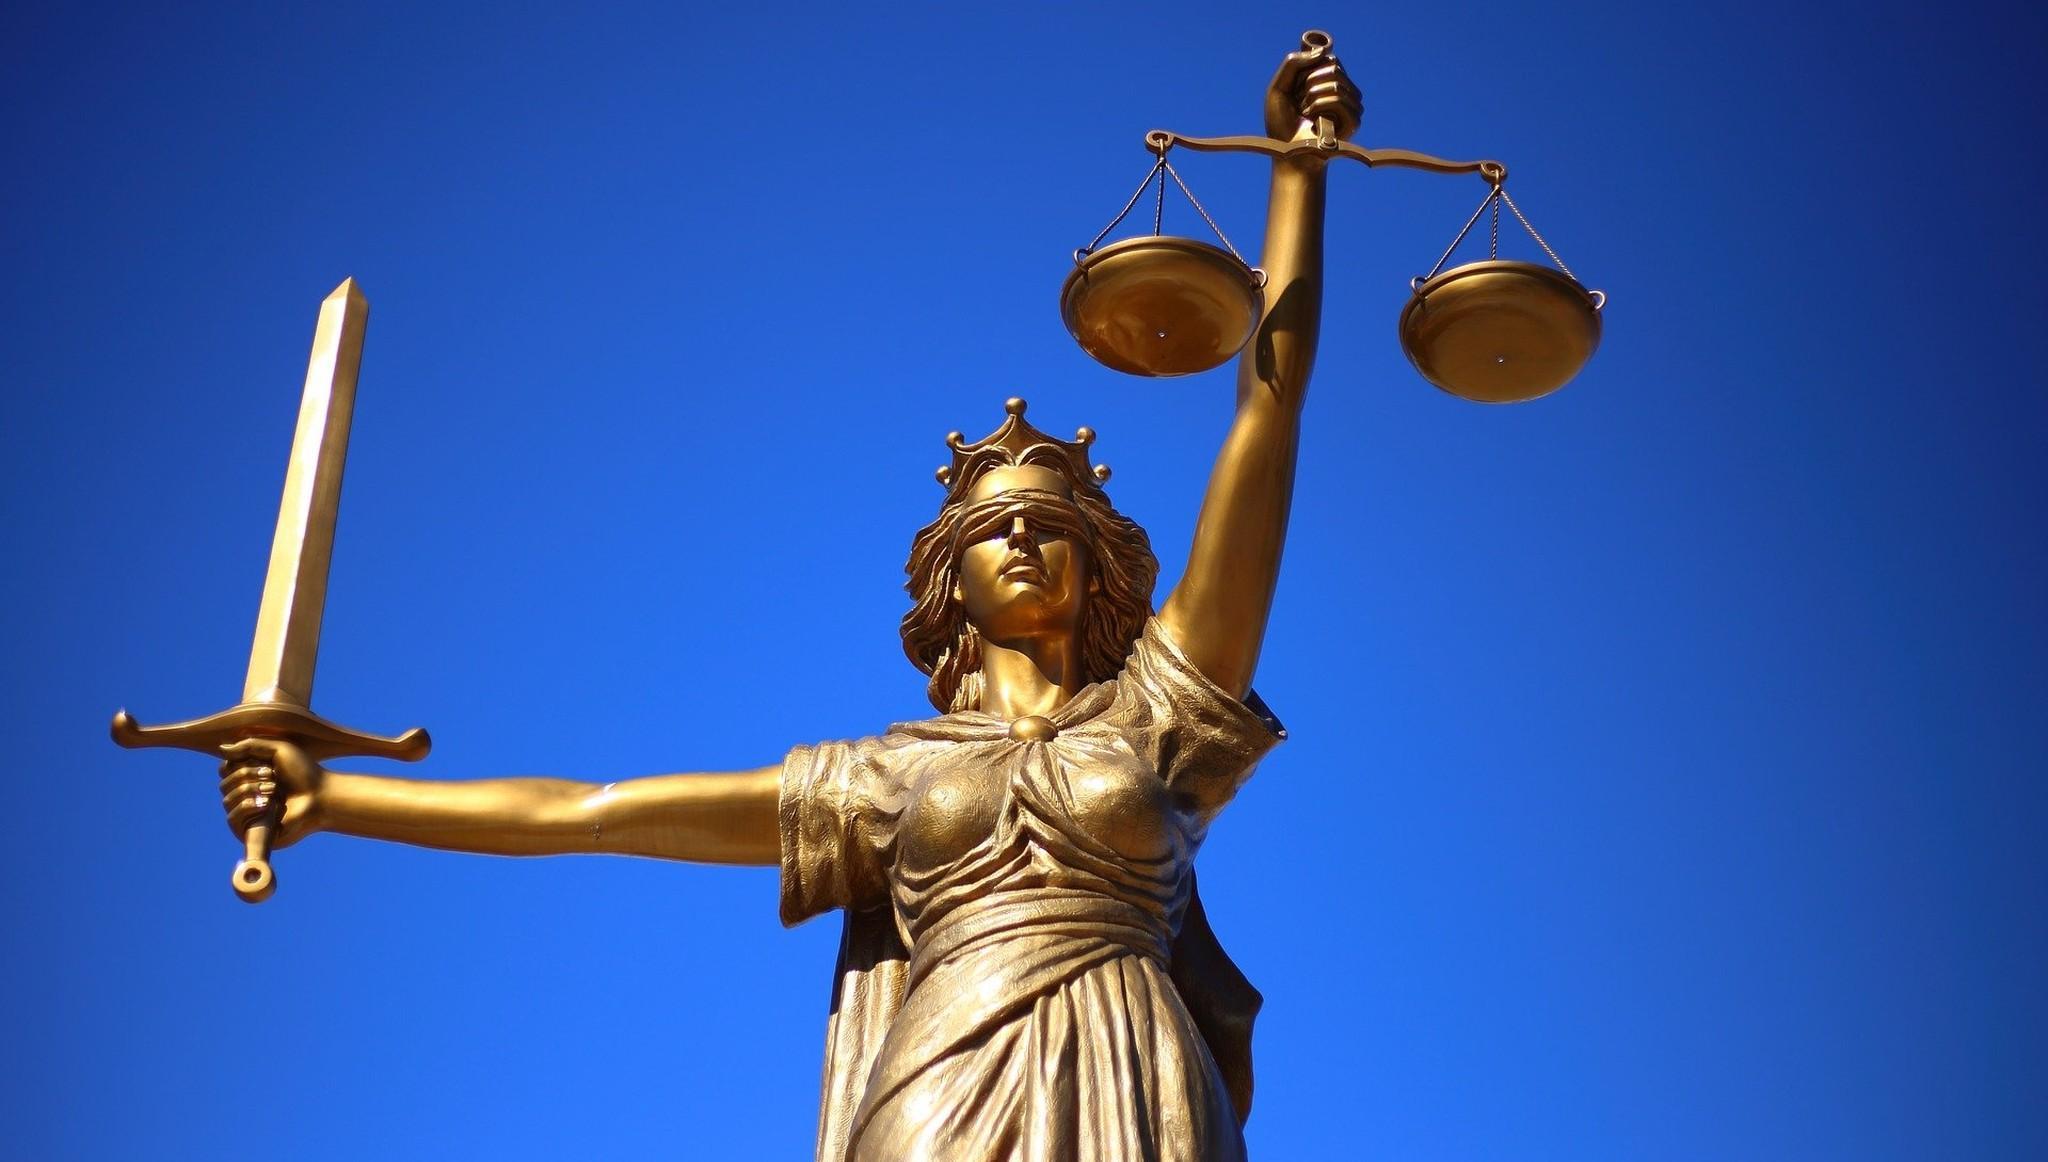 В Тверской области суд оправдал мужчину, которого обвиняли в угрозе полицейскому стартовым пистолетом